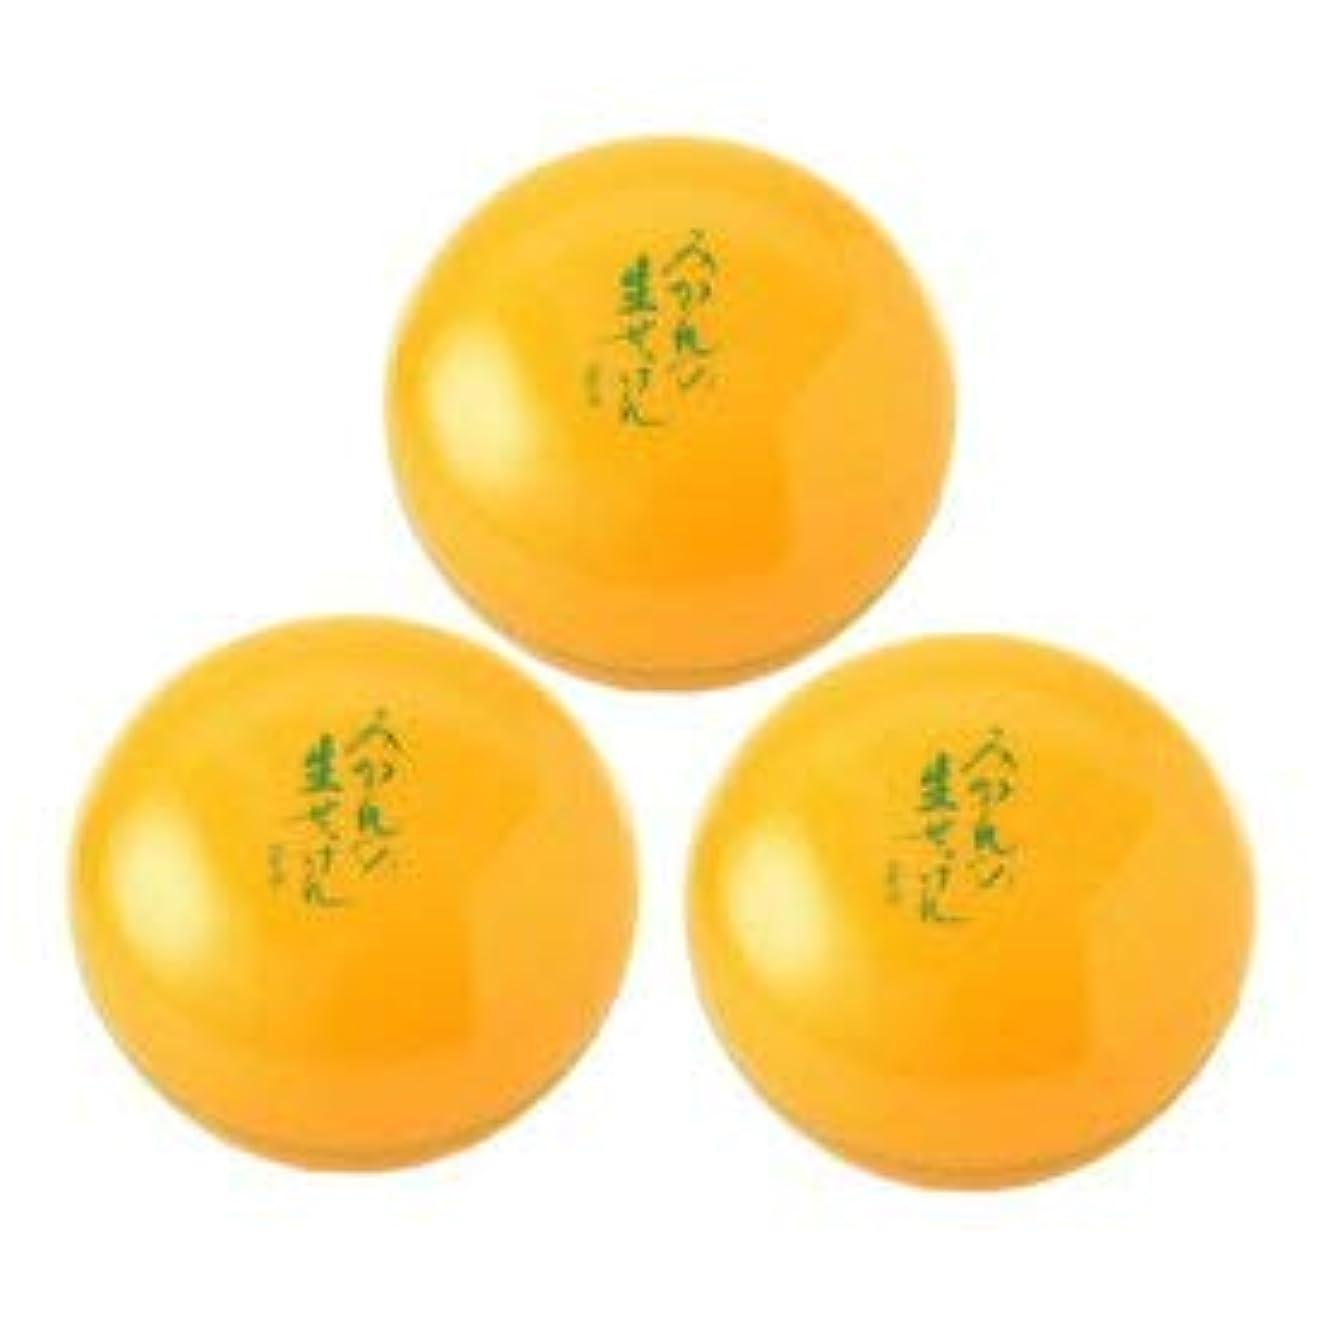 祖先ランチ孤独UYEKI美香柑みかんの生せっけん50g×3個セット